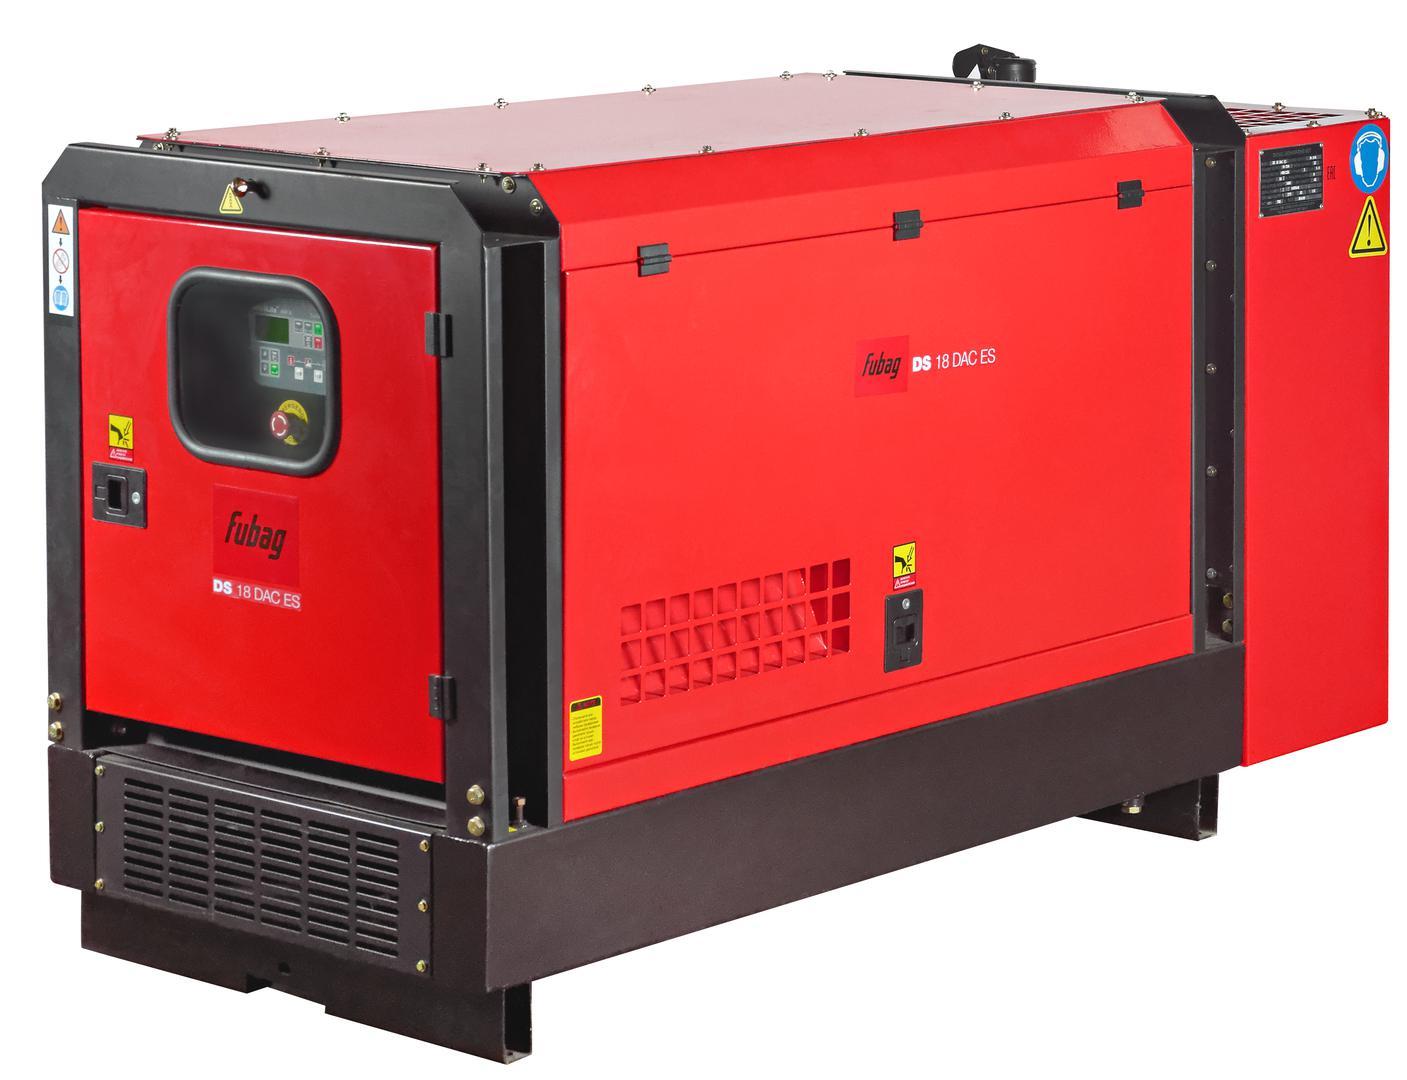 Дизельный генератор Fubag Ds 18 dac es автоматика fubag ds 9500 startmaster